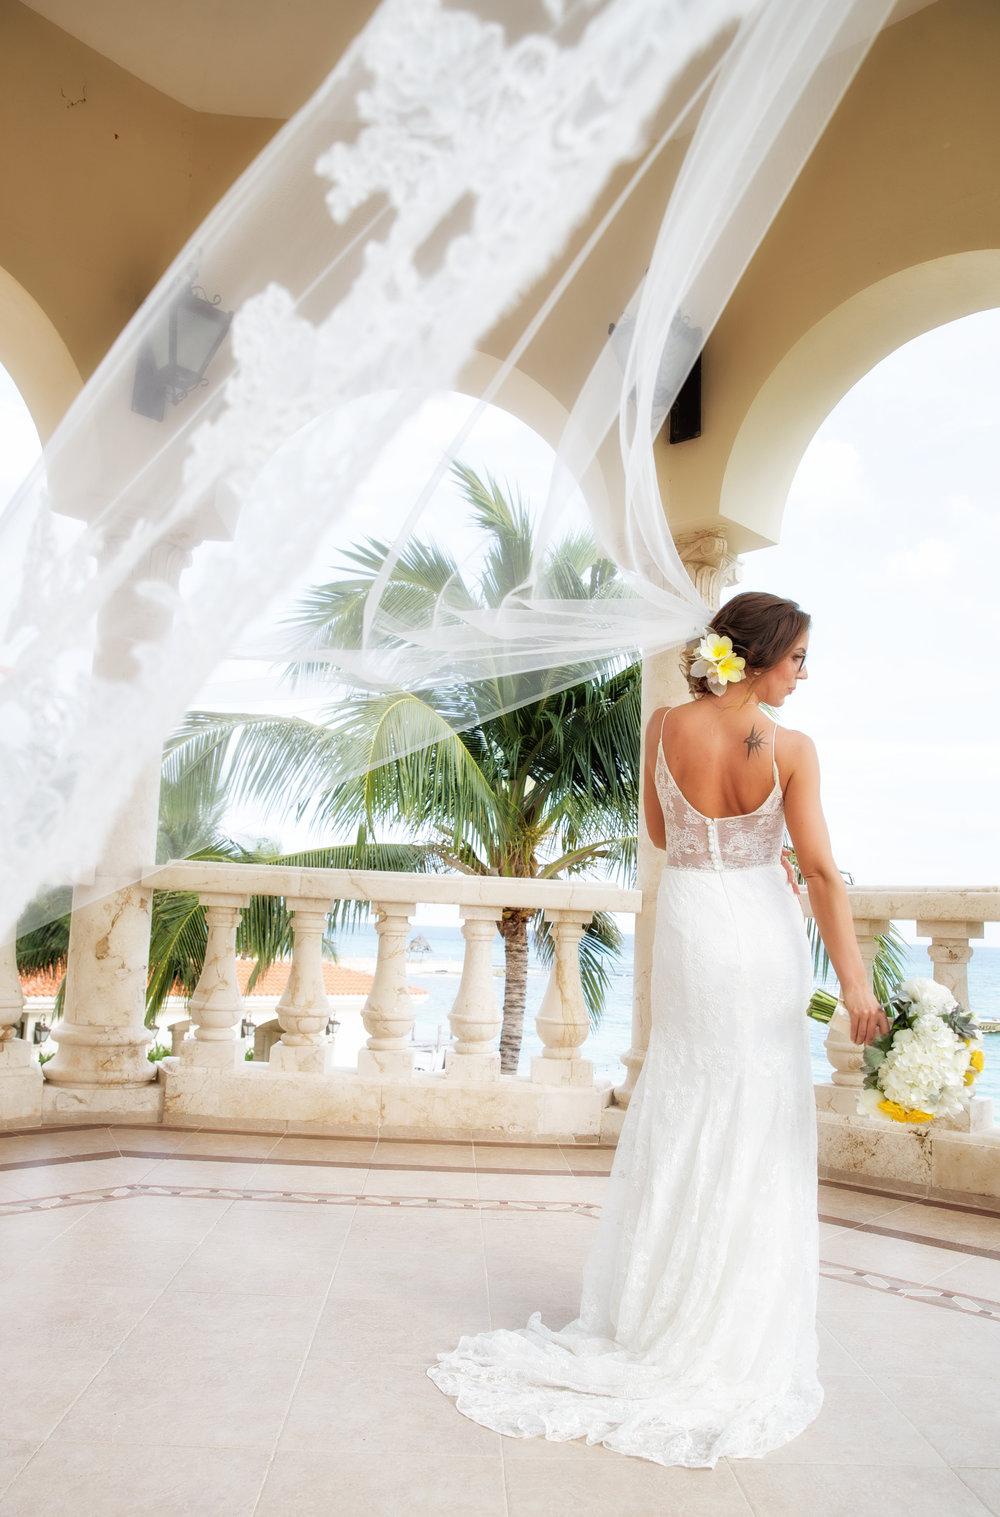 destination-wedding-venue-villa-la-joya-10.jpg